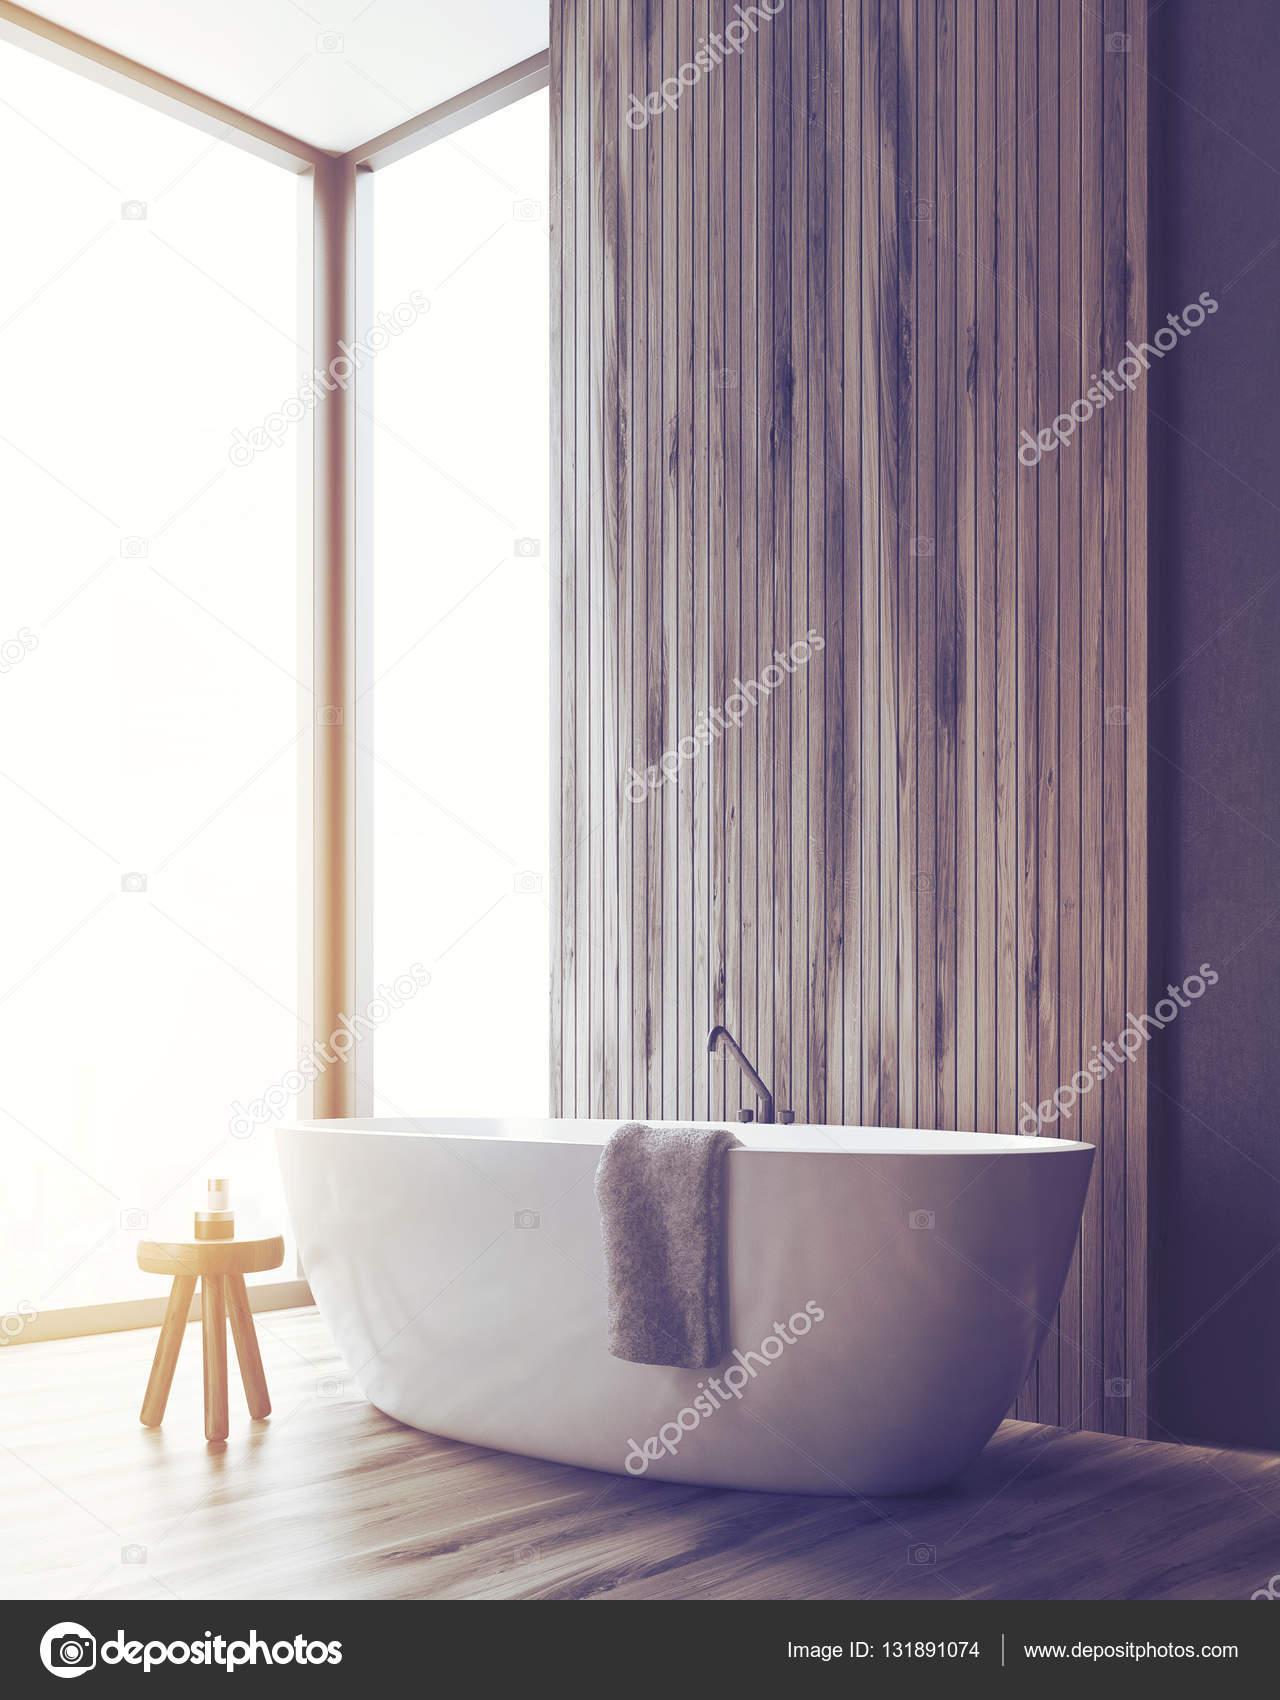 Ecke Ein Badezimmer Mit Einer Badewanne Und Einer Holzwand, Getönt U2014  Stockfoto